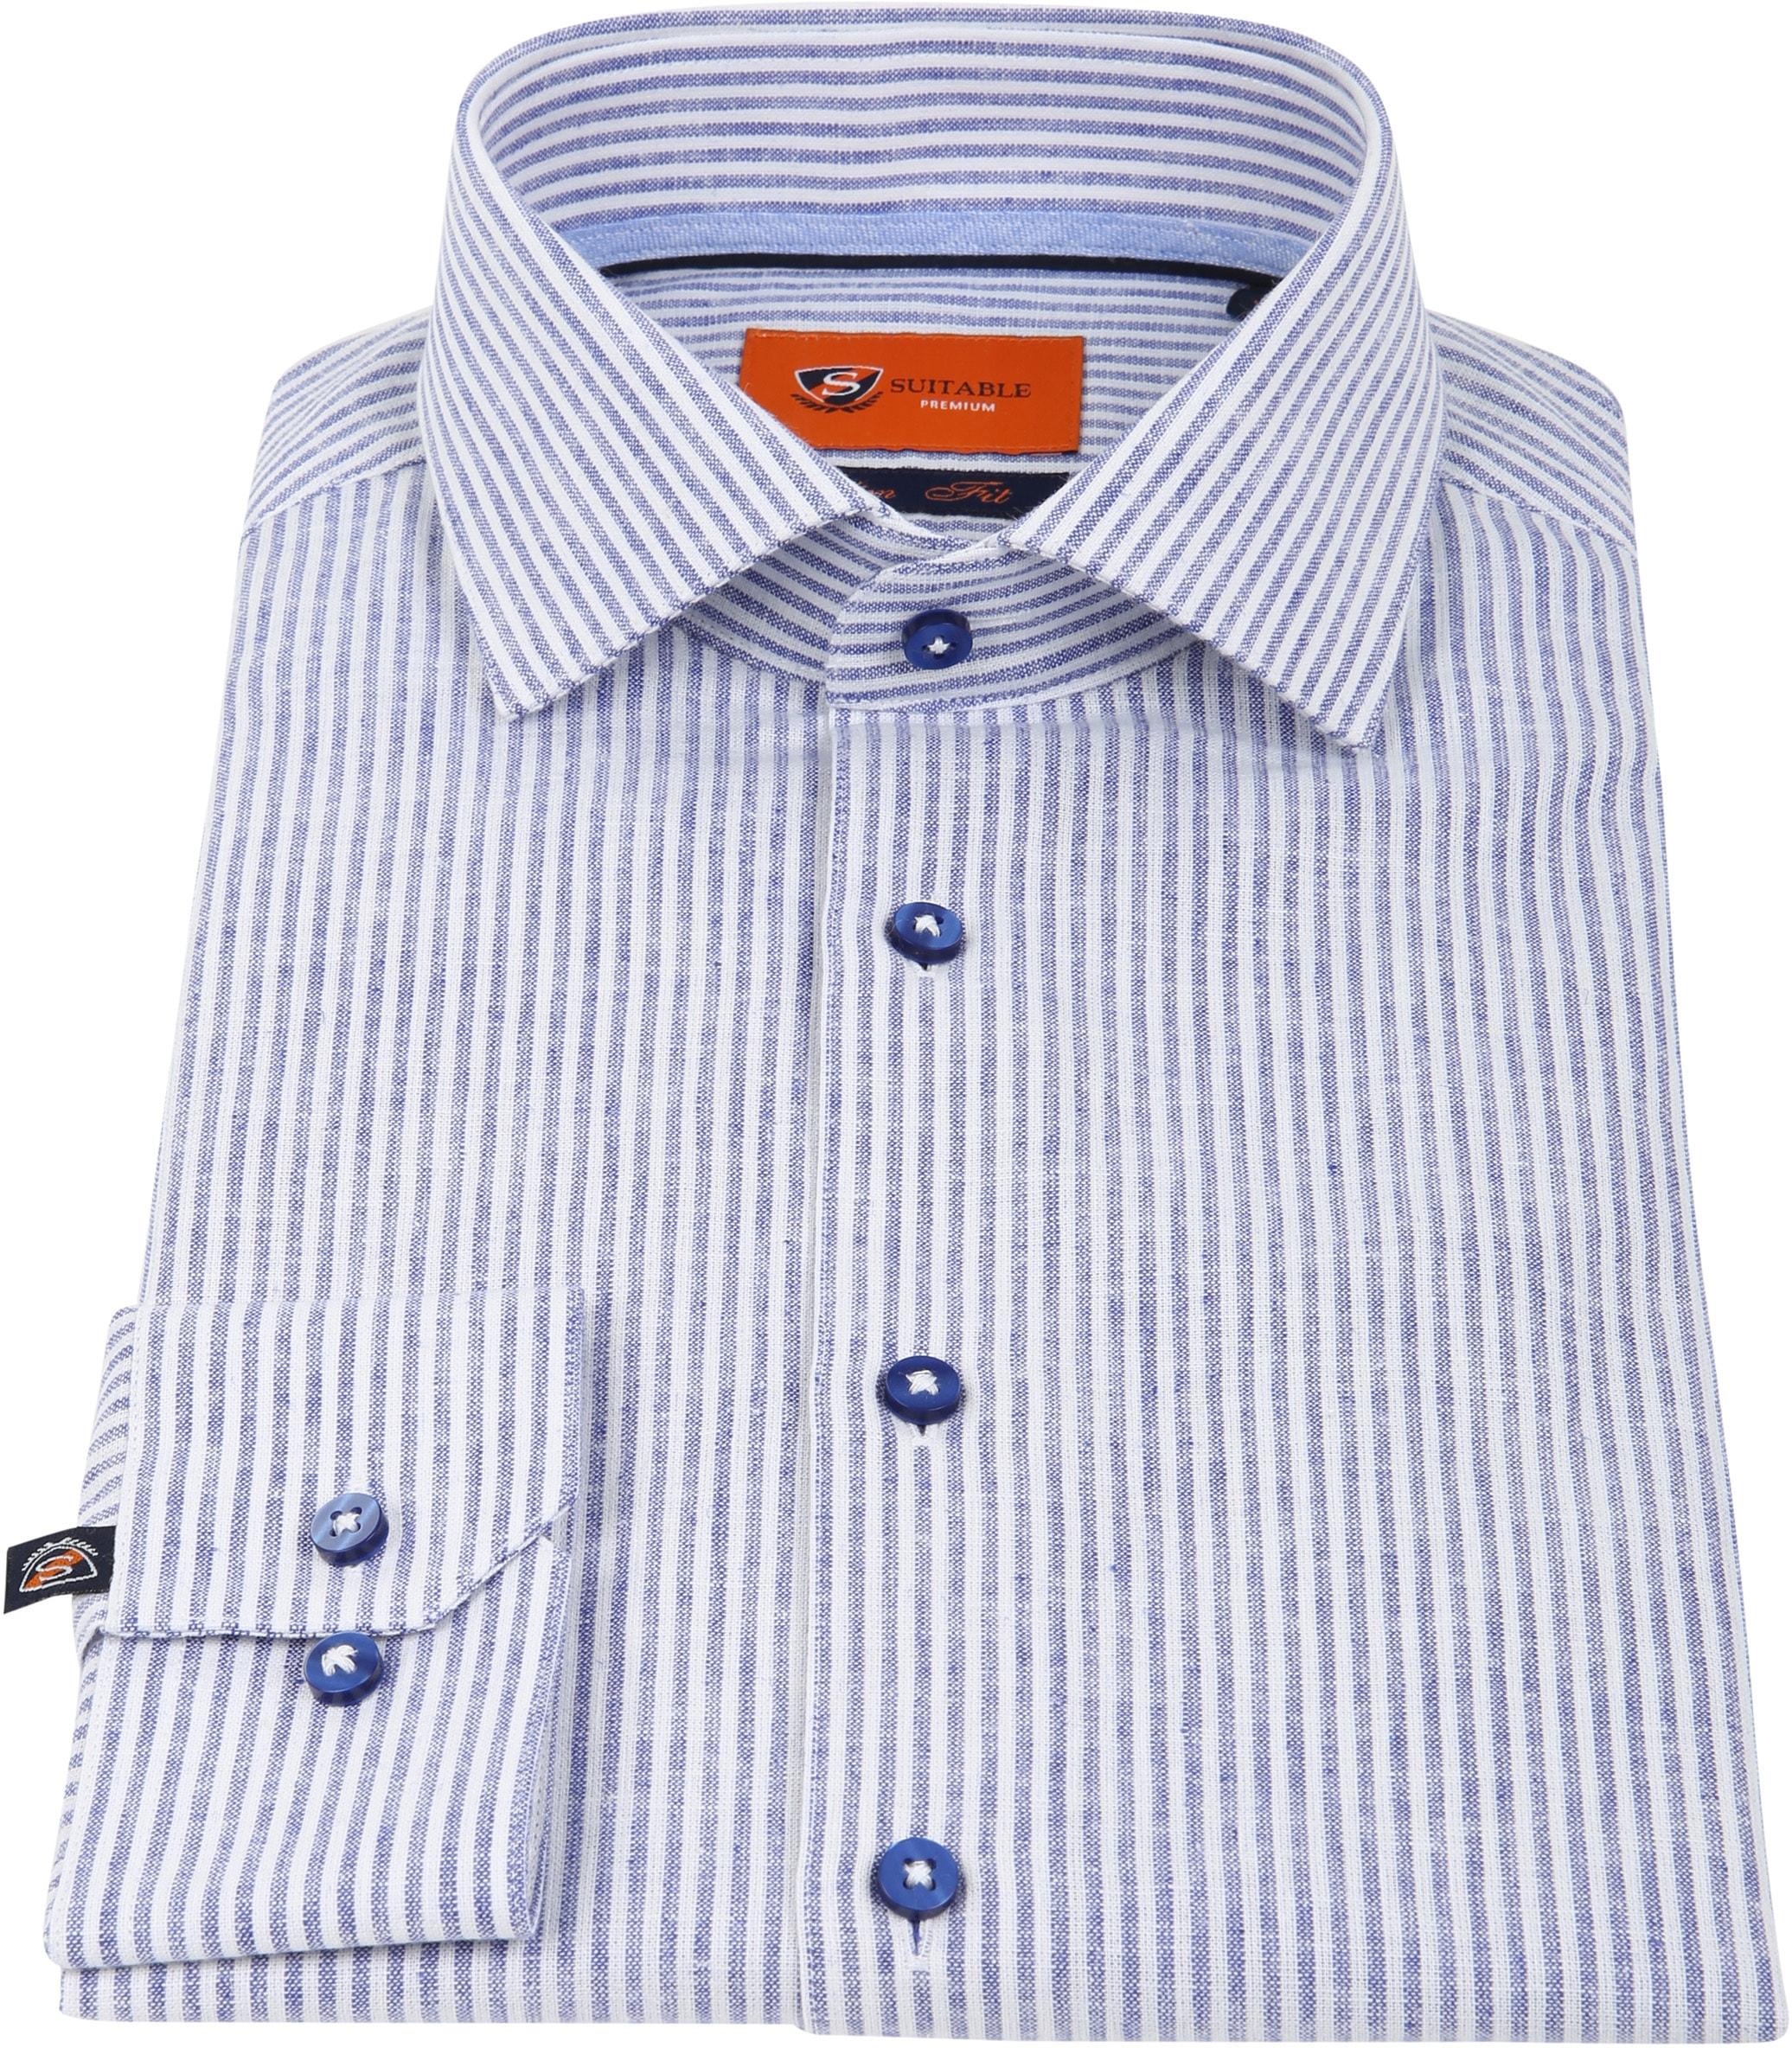 Suitable Hemd Leinen Blau D81-14 foto 2